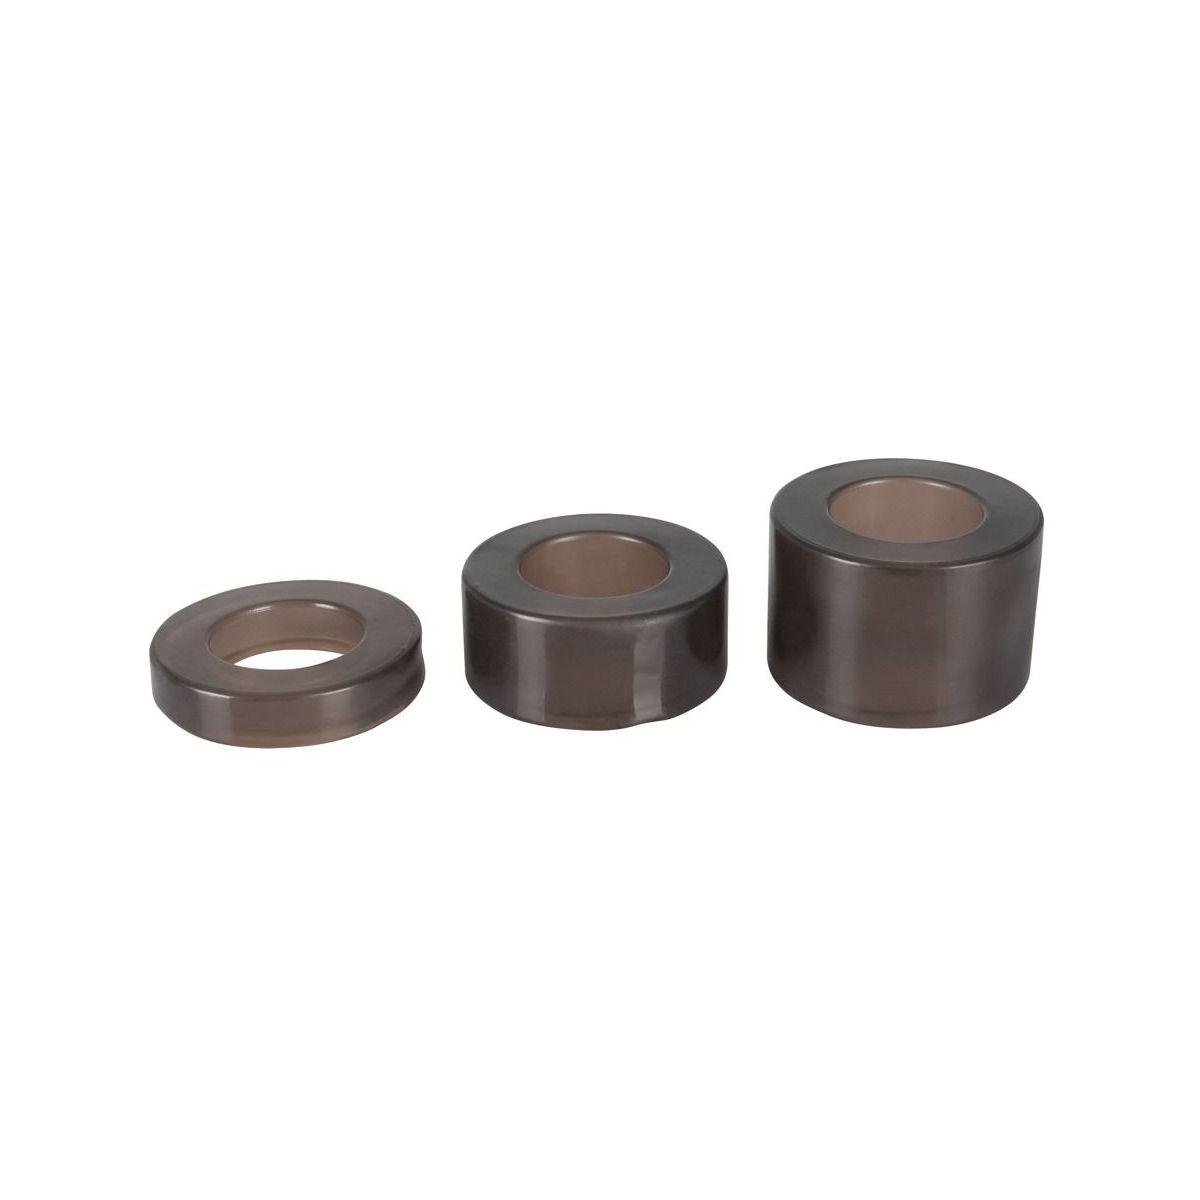 Conjunto de 3 anillas diferentes tamaños para estiramiento del escroto